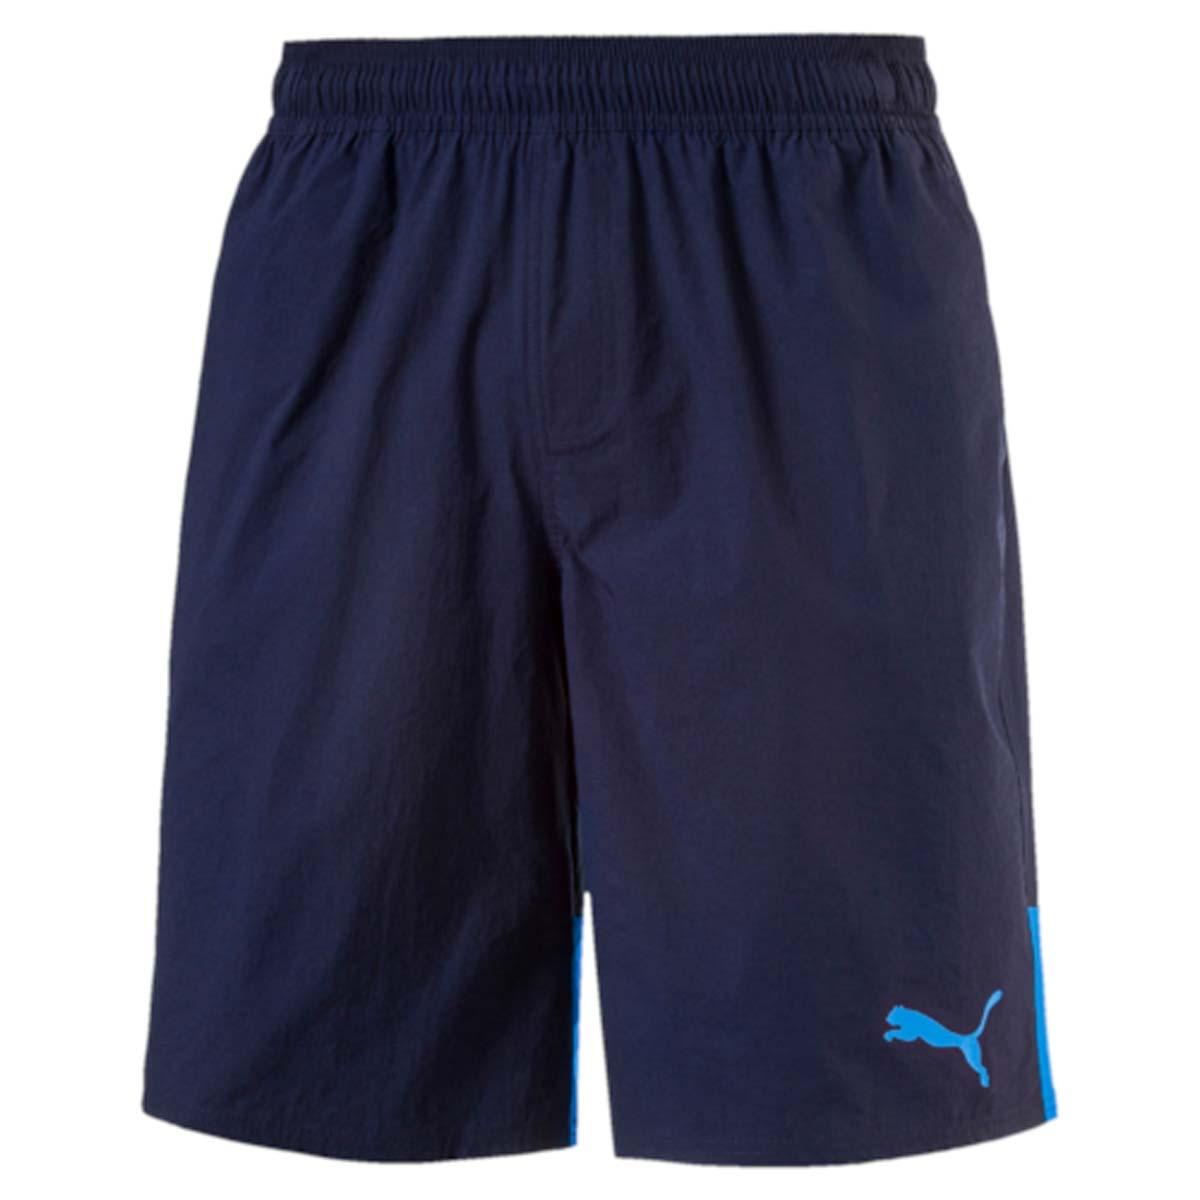 Шорты59066506Мужские шорты Style Summer Stretch Shorts созданы для тех, кто ценит комфорт и свободу движений. Эластичная ткань прекрасно тянется и не стесняет движений. В таких шортах удобно тренироваться, гулять или просто заниматься повседневными делами. Эластичный пояс с затягивающимся шнурком гарантирует комфортную посадку. Боковые швы с нахлестом вперед способствуют свободе движений. Модель имеет боковые карманы. Также имеется внутренний карман для мелочи и прорезной карман с обтачками сзади. Шорты декорированы логотипом PUMA на левой штанине. Имеют стандартную посадку.